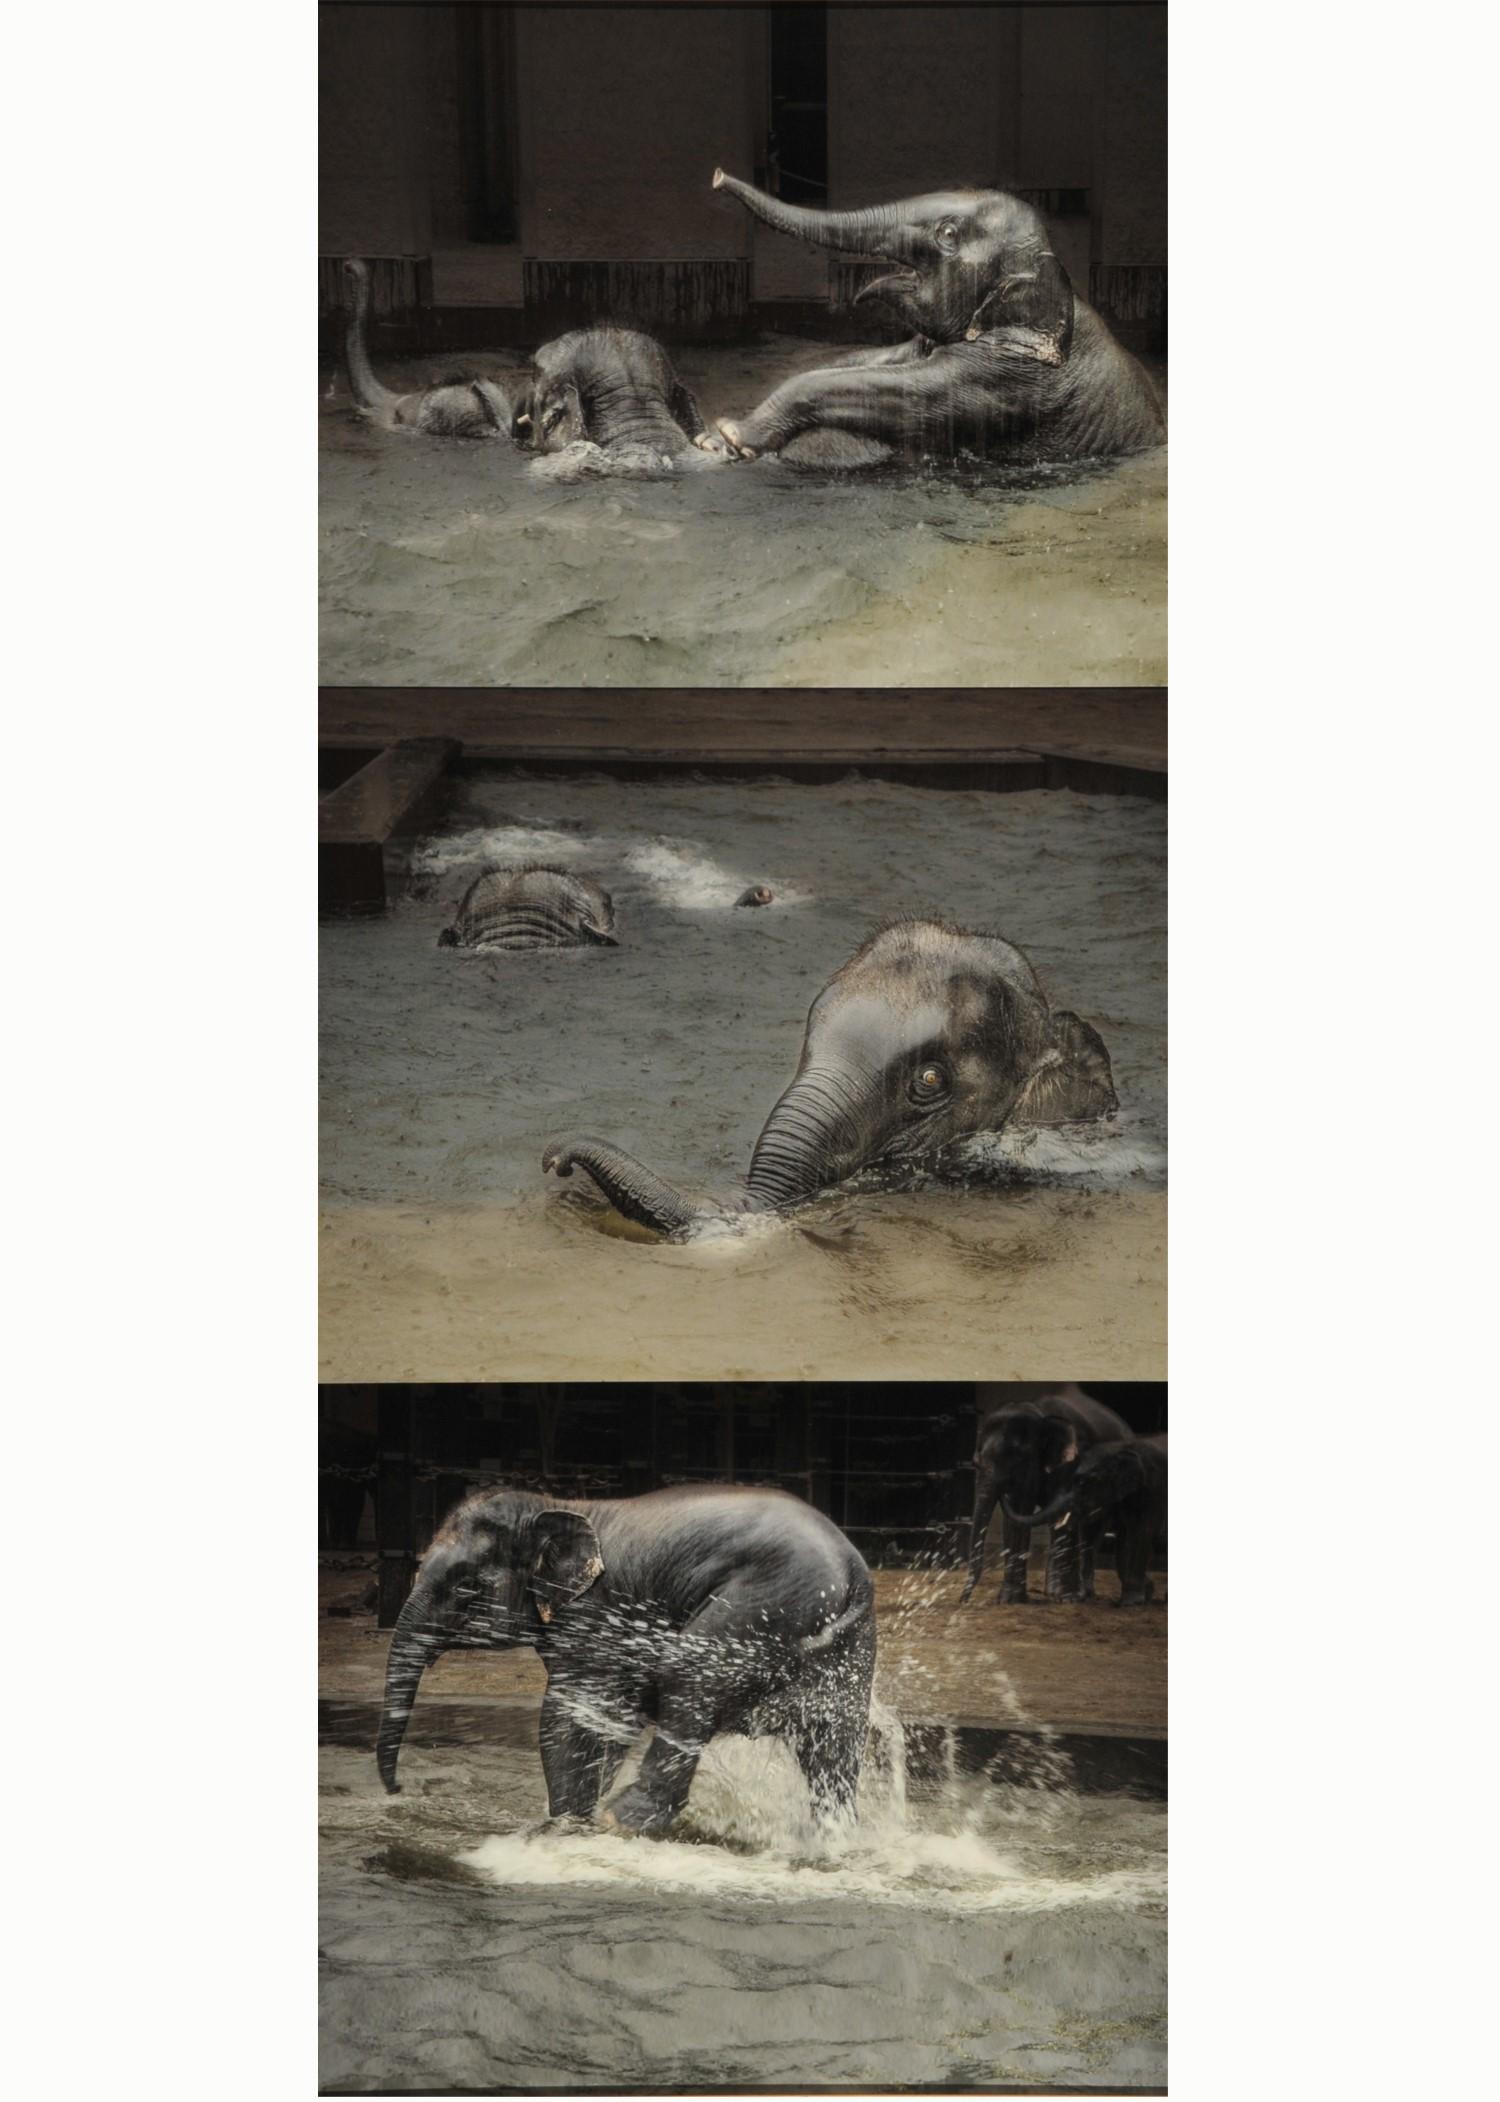 第54回滋賀県写真展覧会特選「恵みの雨」 土肥 美帆